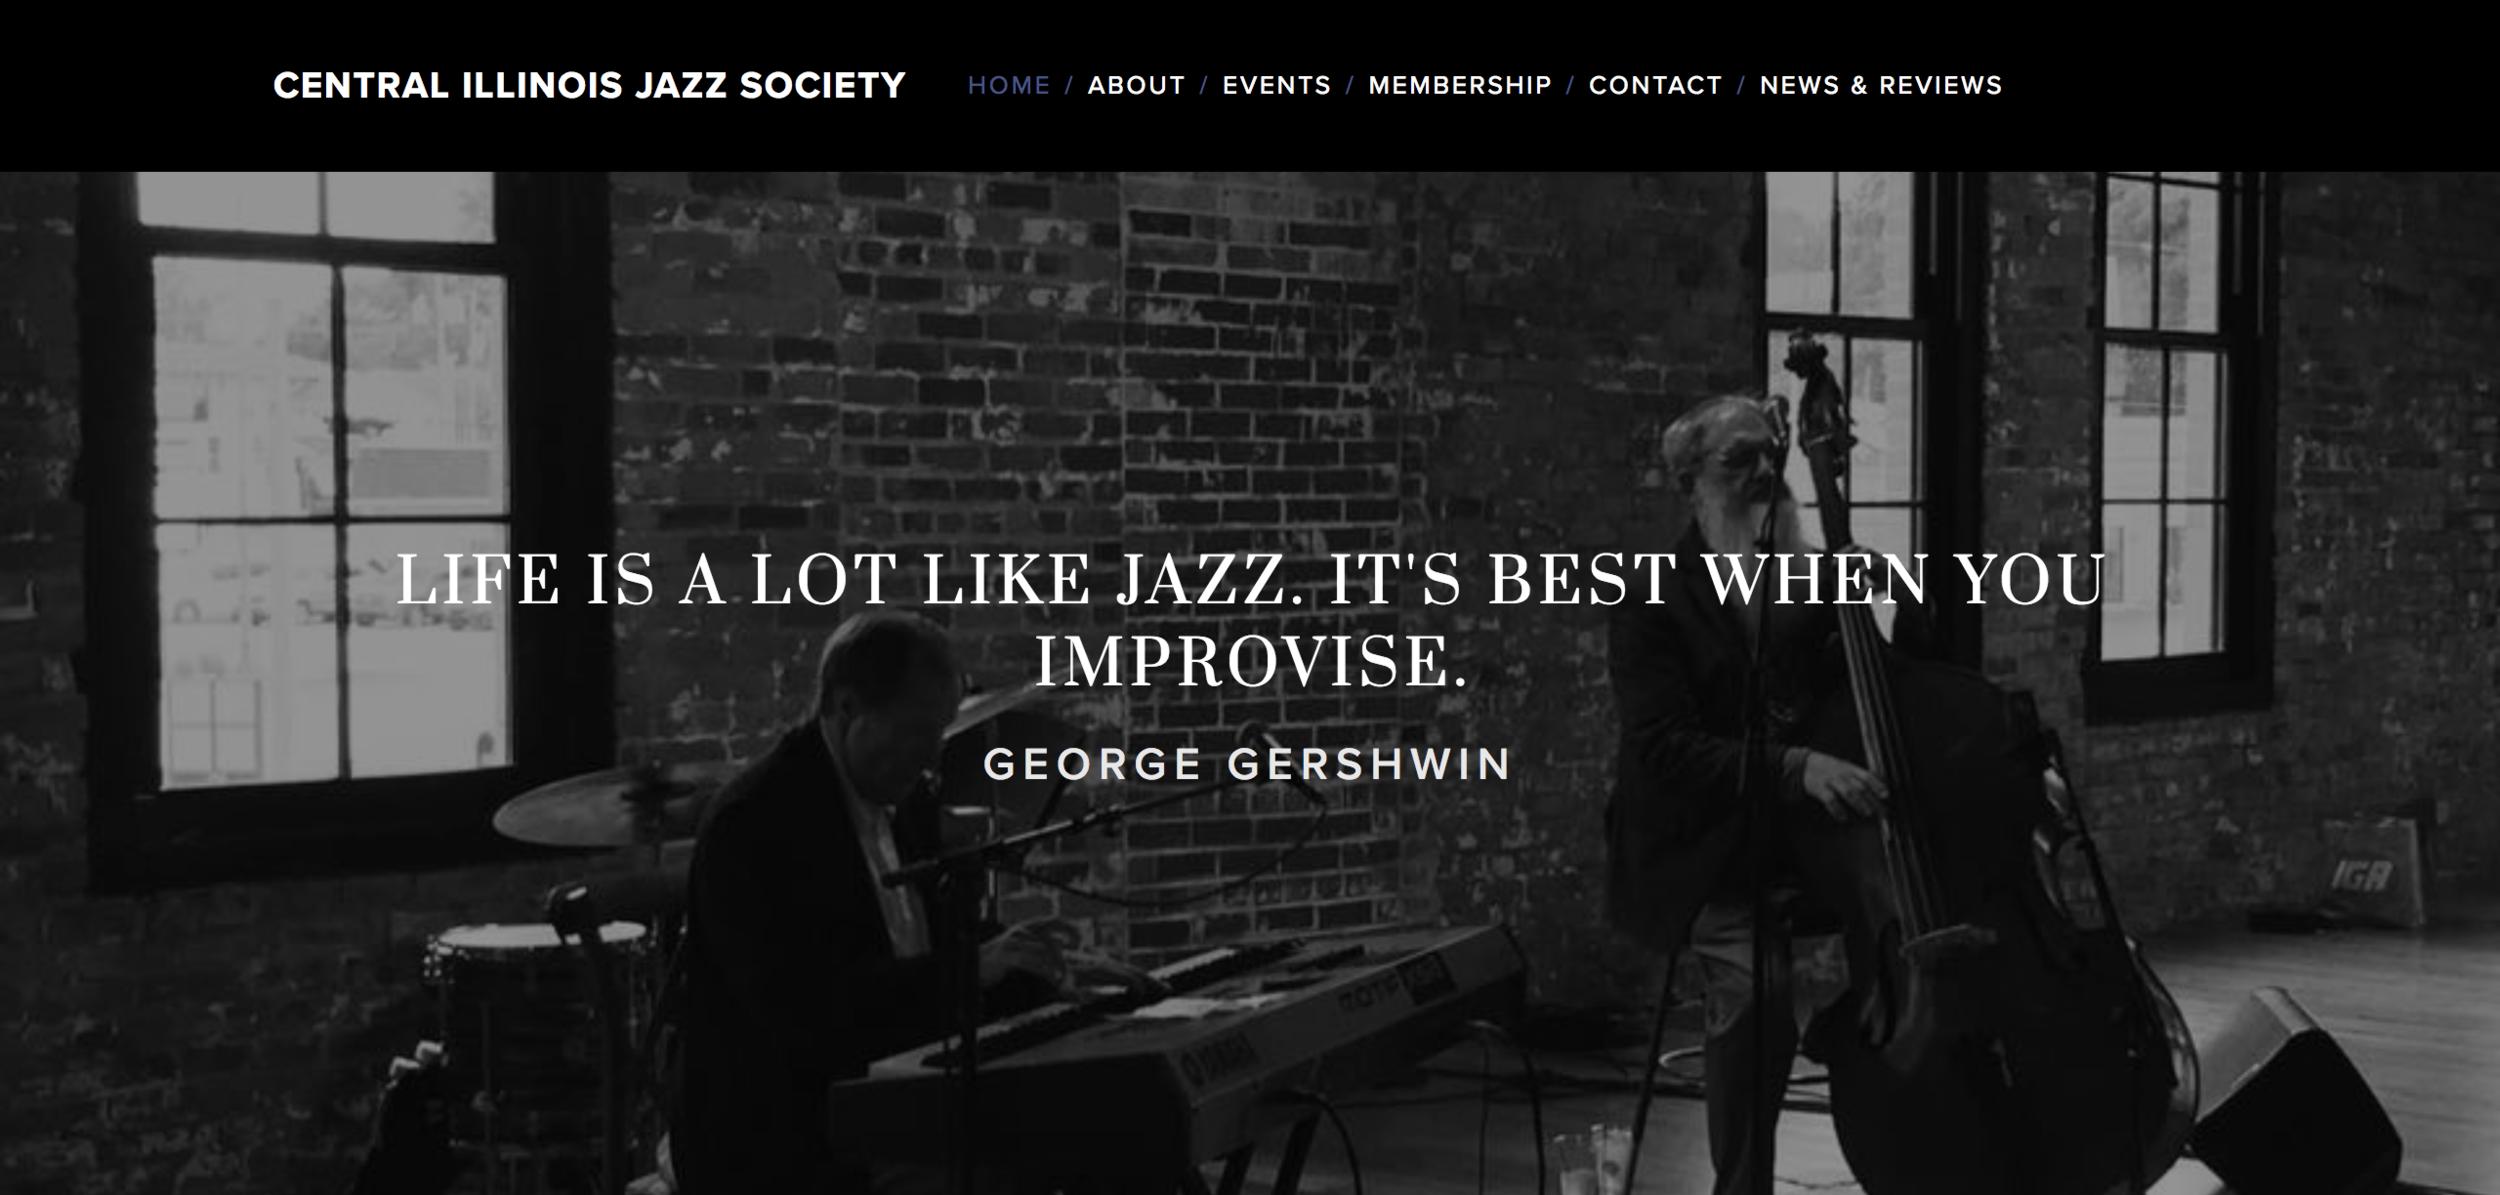 Central Illinois Jazz Society